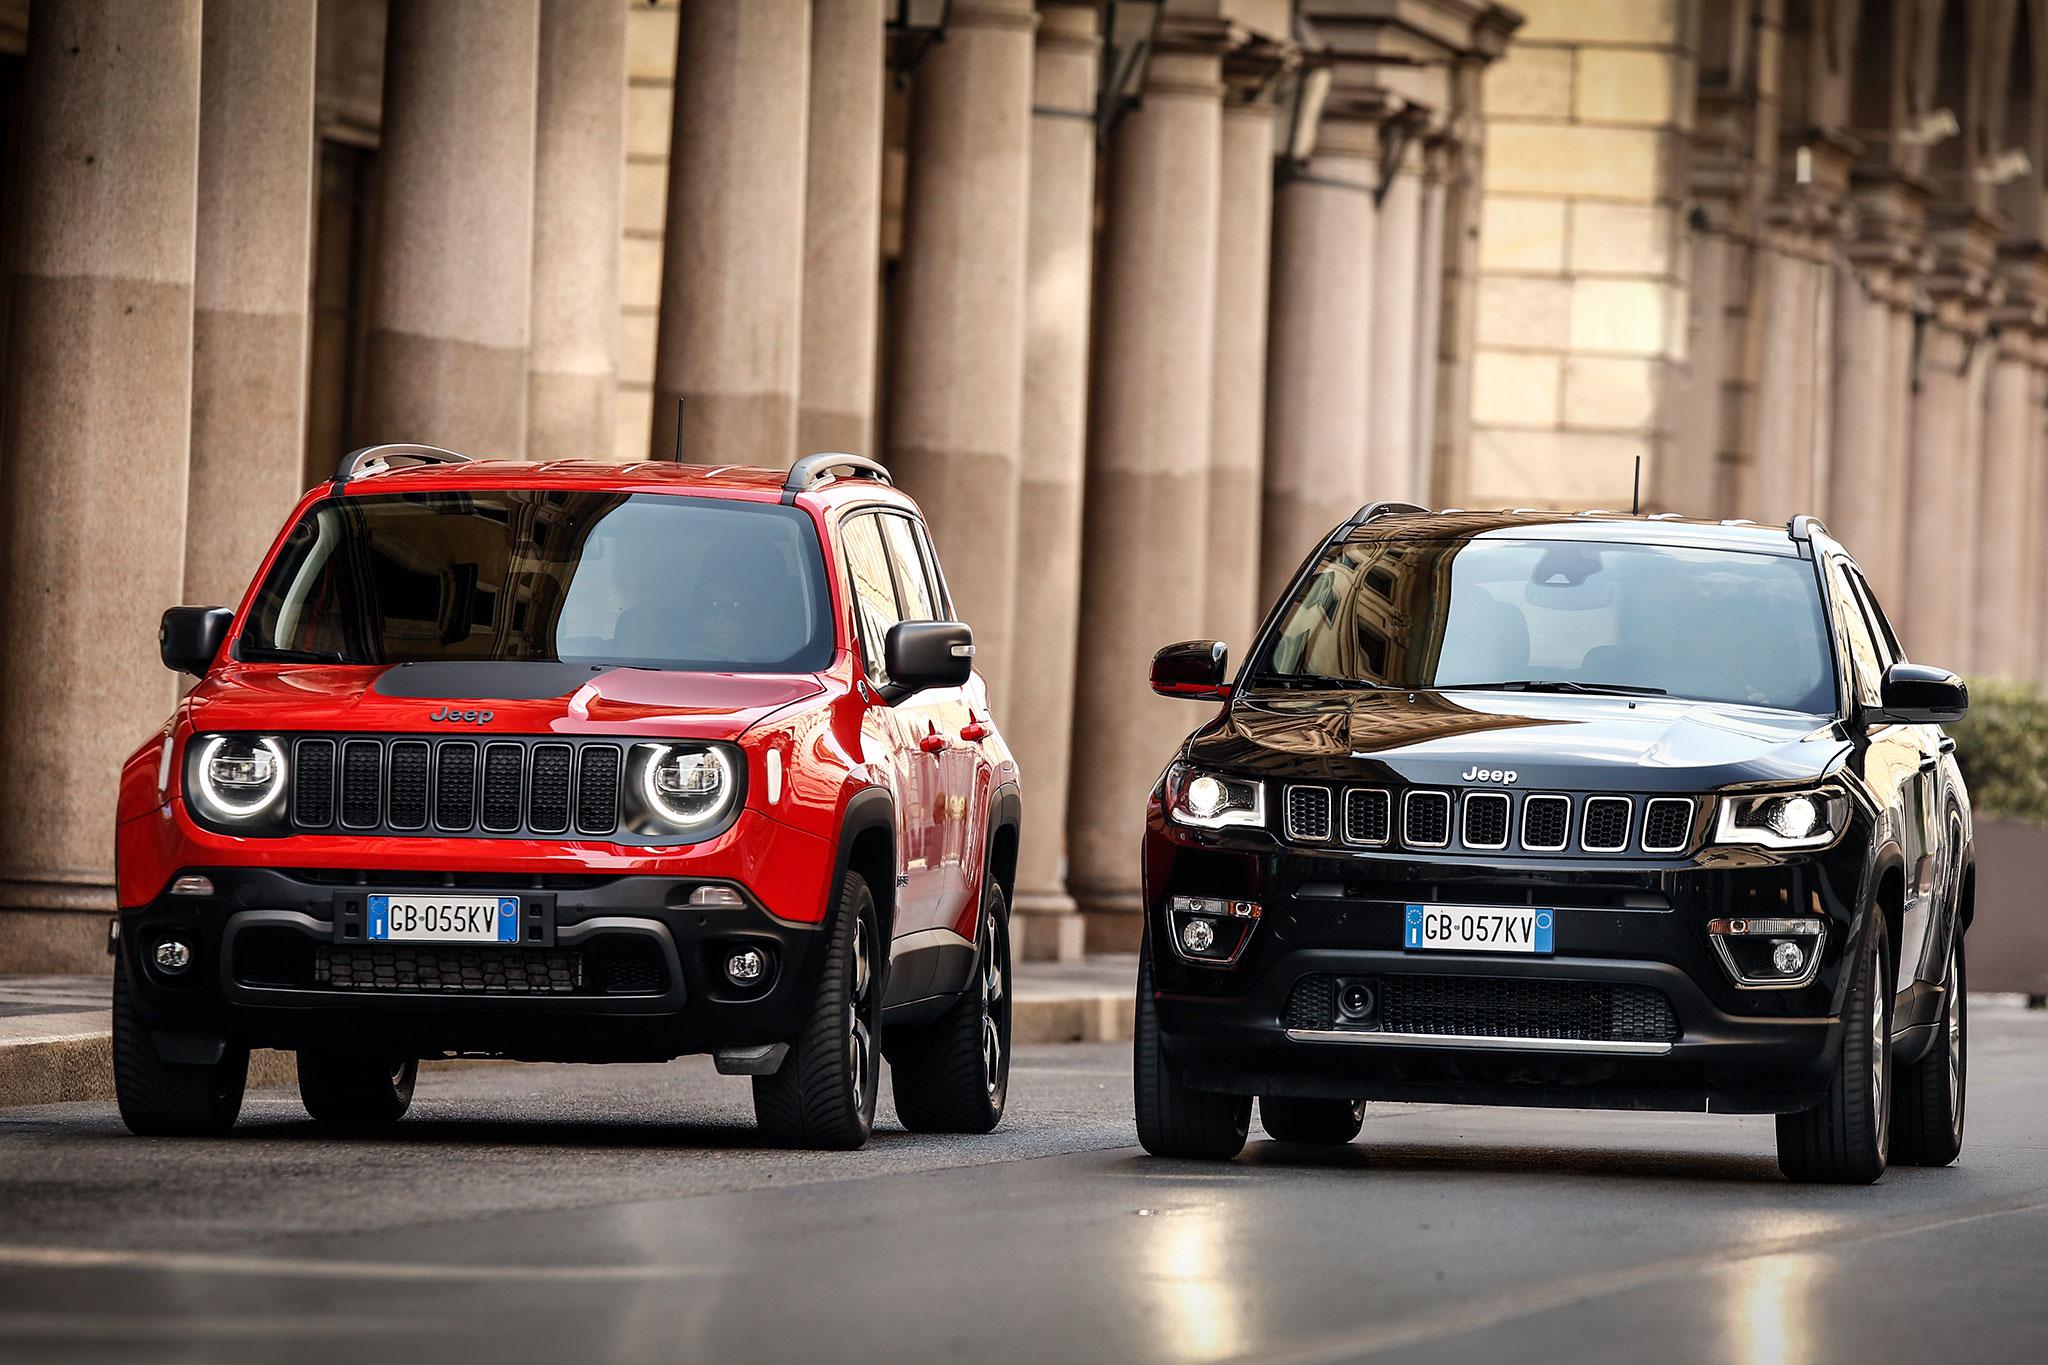 Jeep 4xe Jeep Renegade 4xe à gauche Jeep Compass 4xe à droite